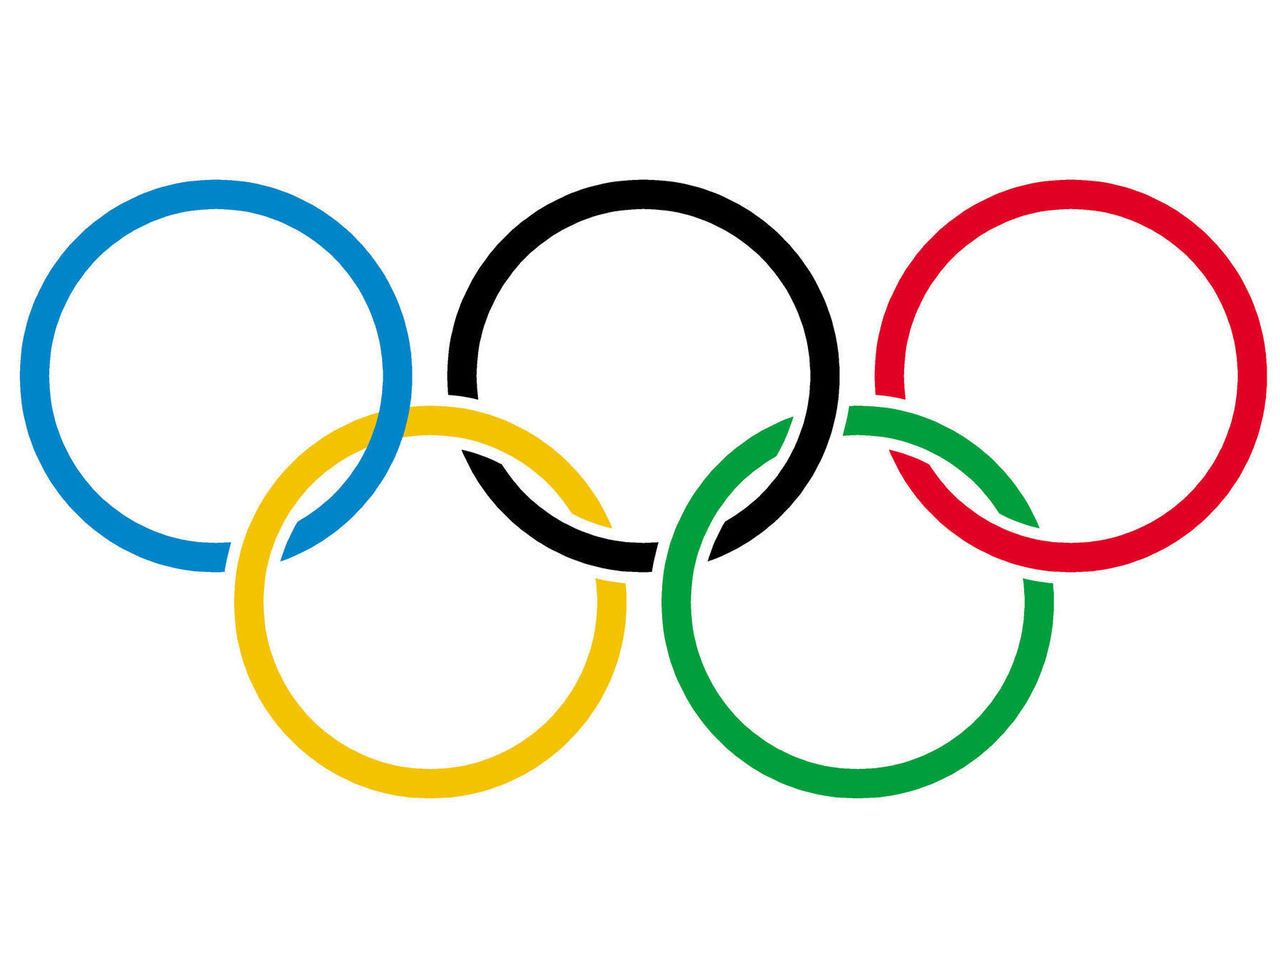 Примет ли Россия участие в Олимпиаде: МОК объявил свое решение